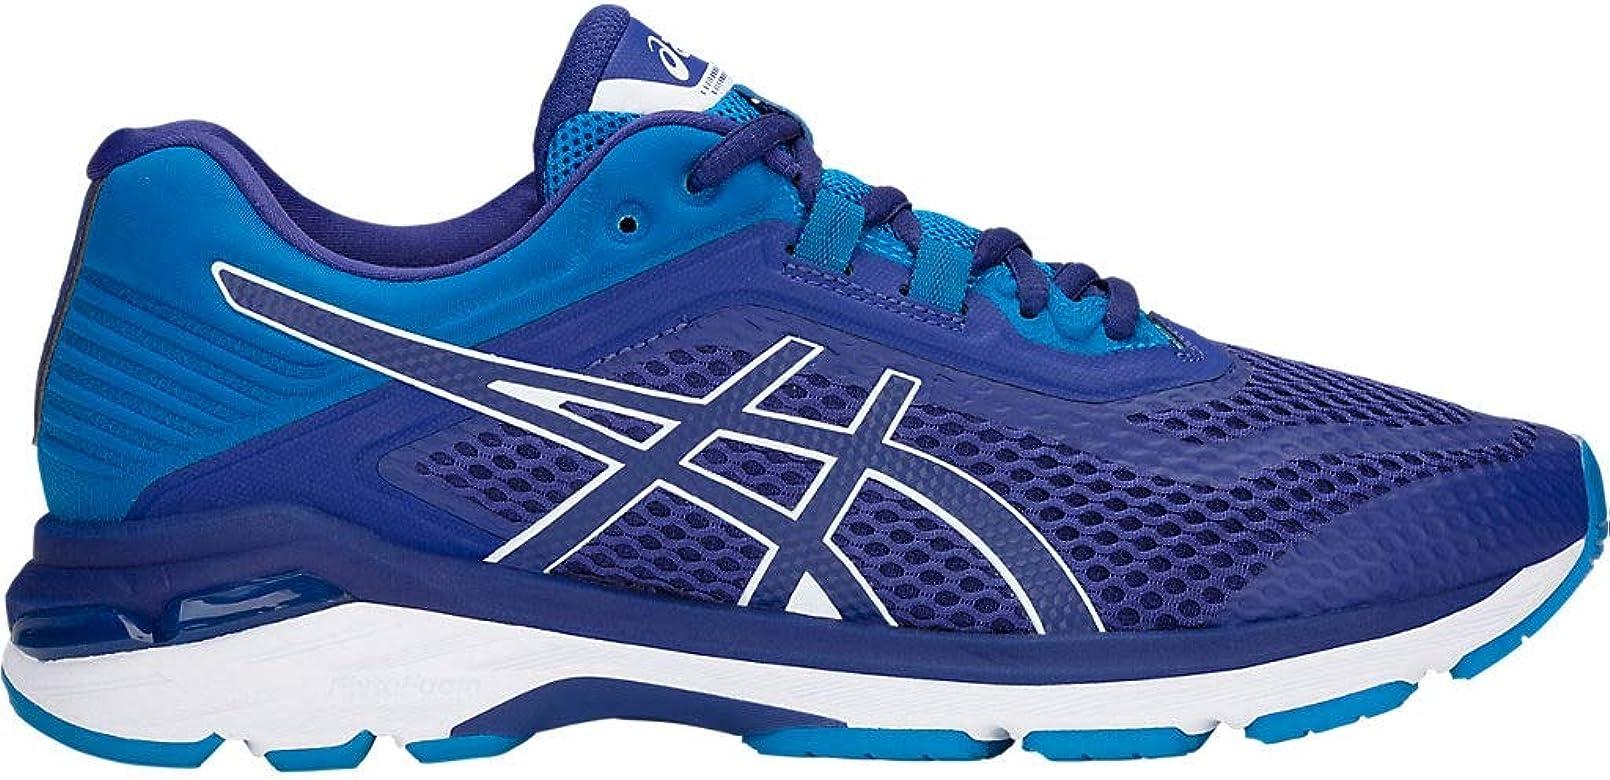 Asics GT-2000 6 - Zapatillas de correr para hombre, Azul (Impresión azul/ azul carrera.), 41 EU: Amazon.es: Zapatos y complementos